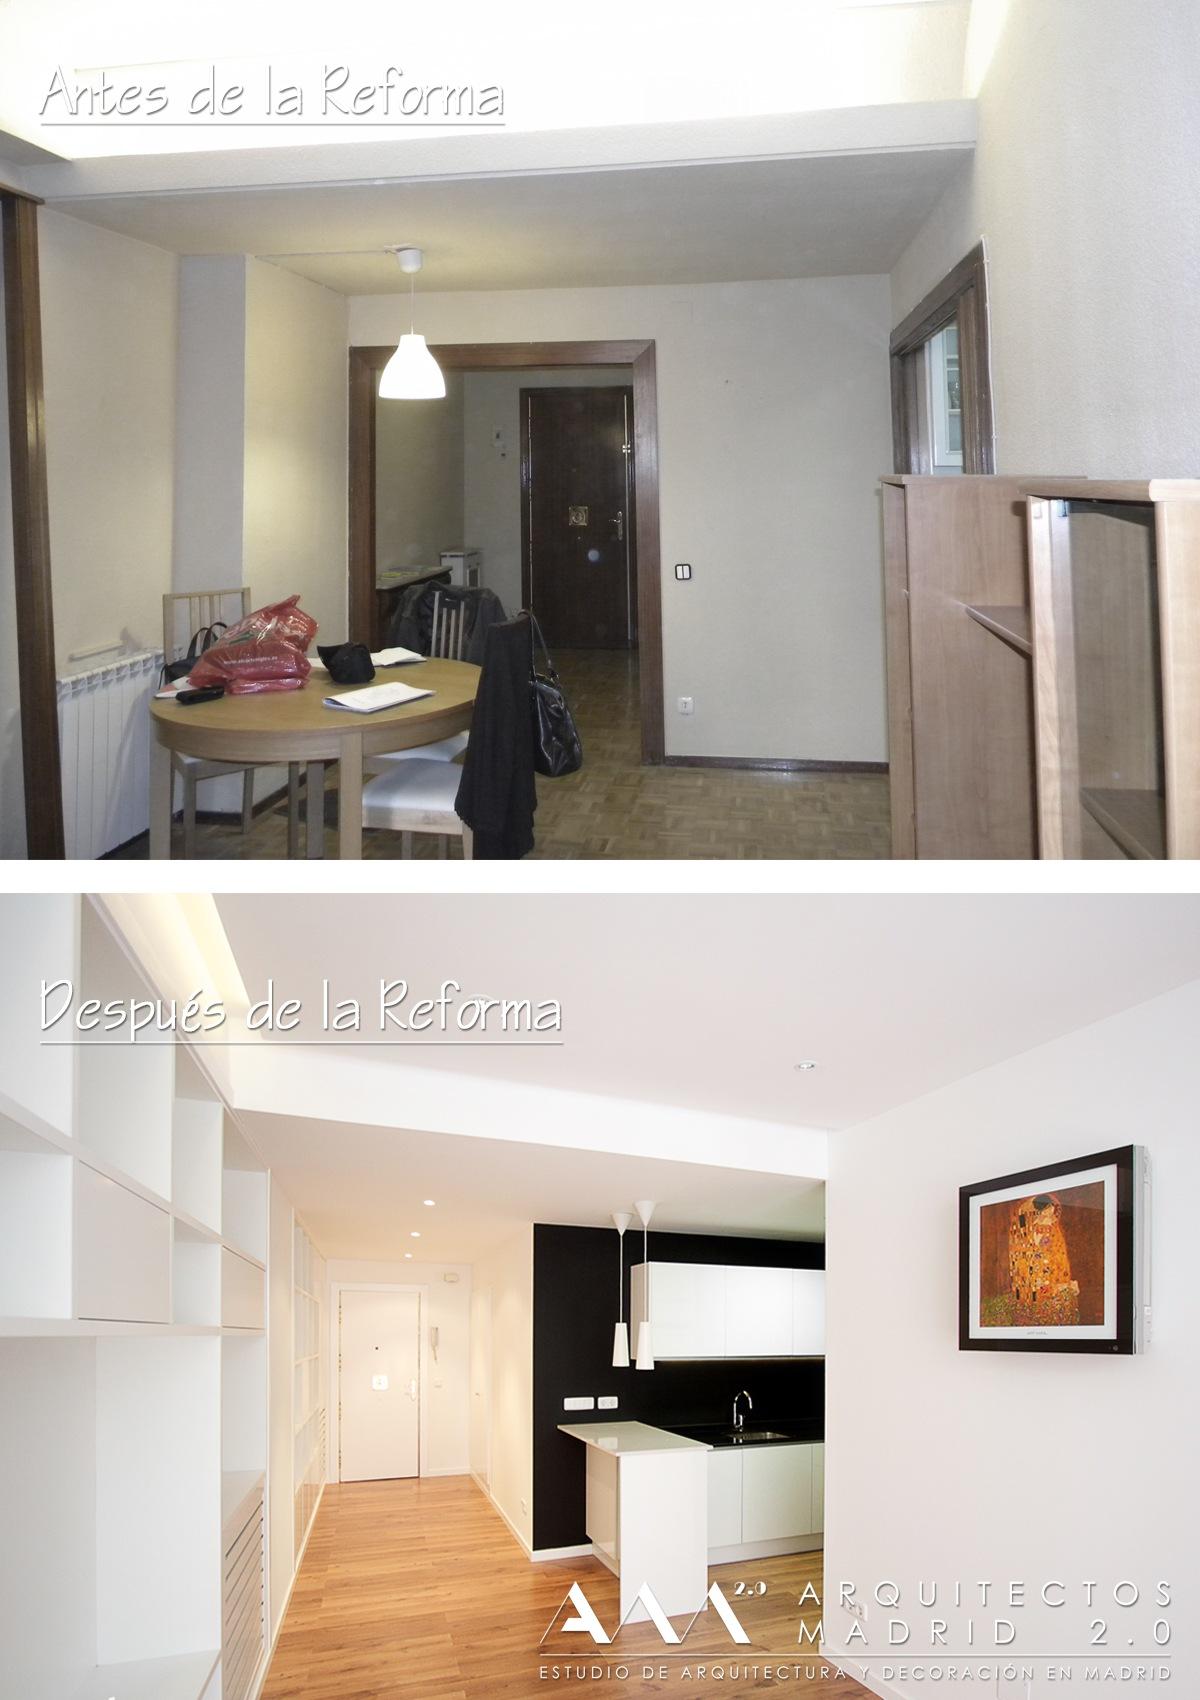 reformas-viviendas-ideas-antes-despues-pisos-casas-obras-17